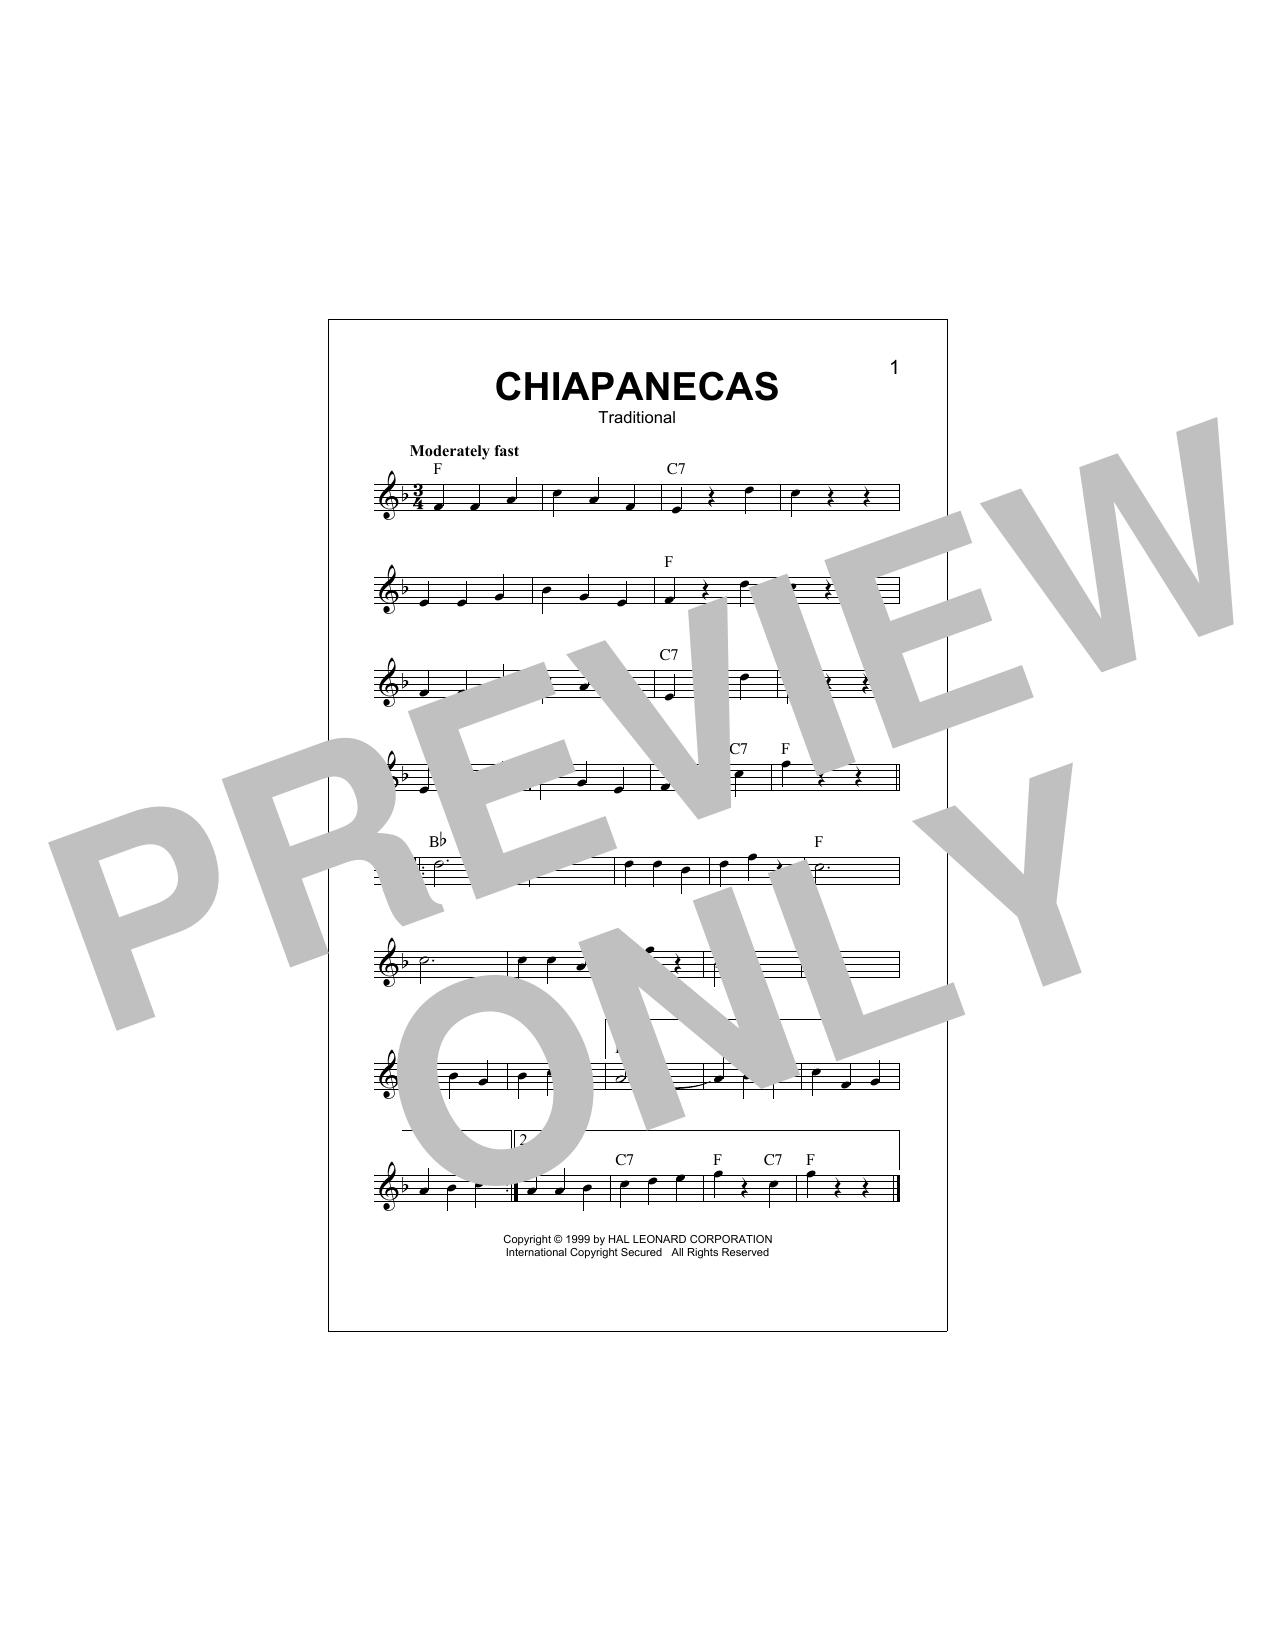 Chiapanecas Sheet Music